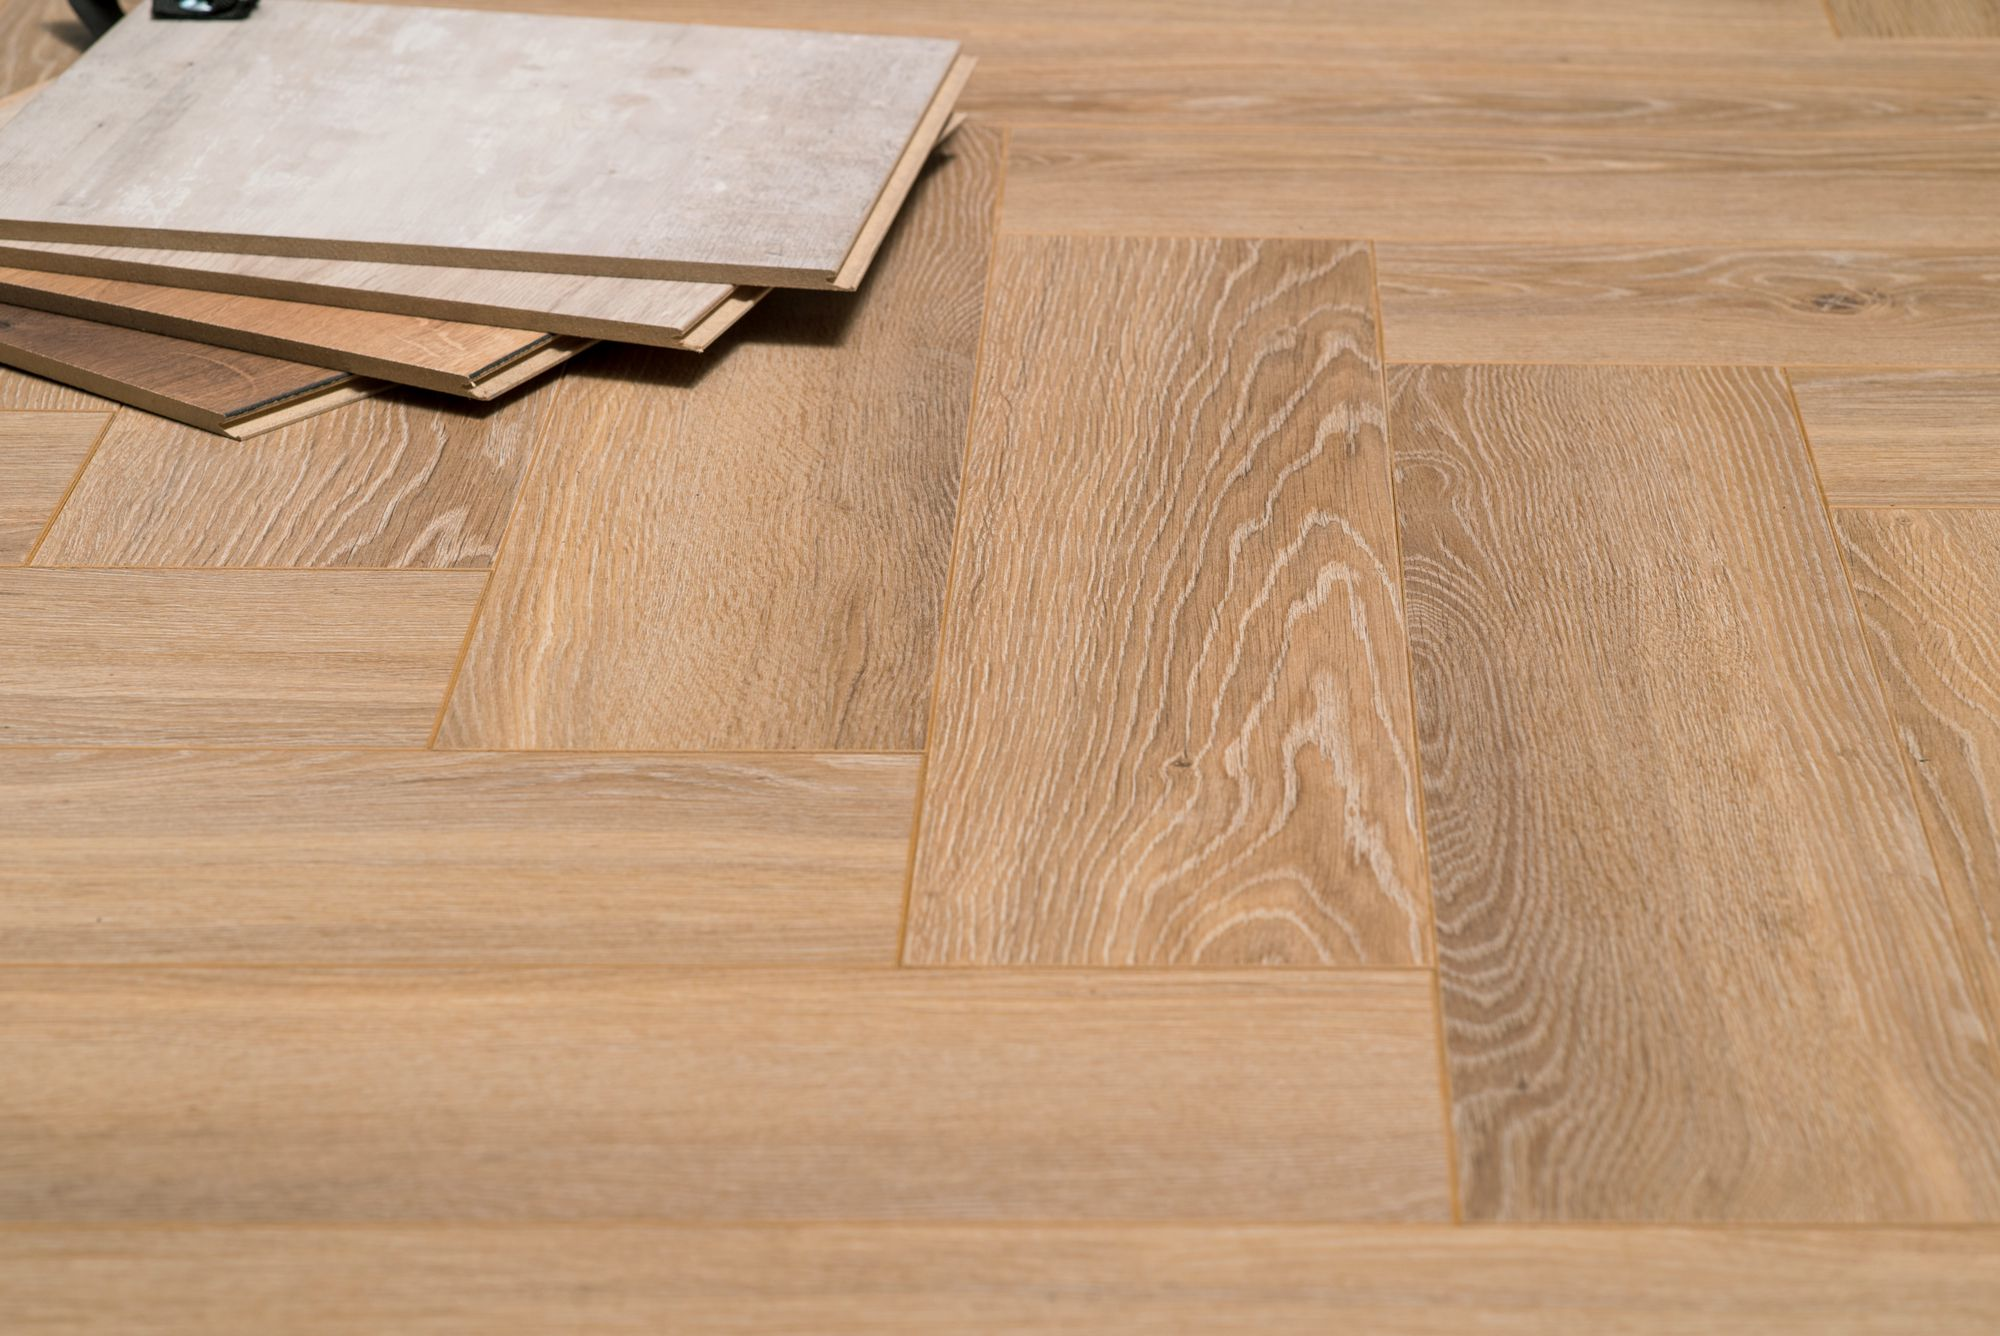 Vinyl Vloer Visgraat : Proefplanken parket laminaat pvc vinyl vloeren floer quick step